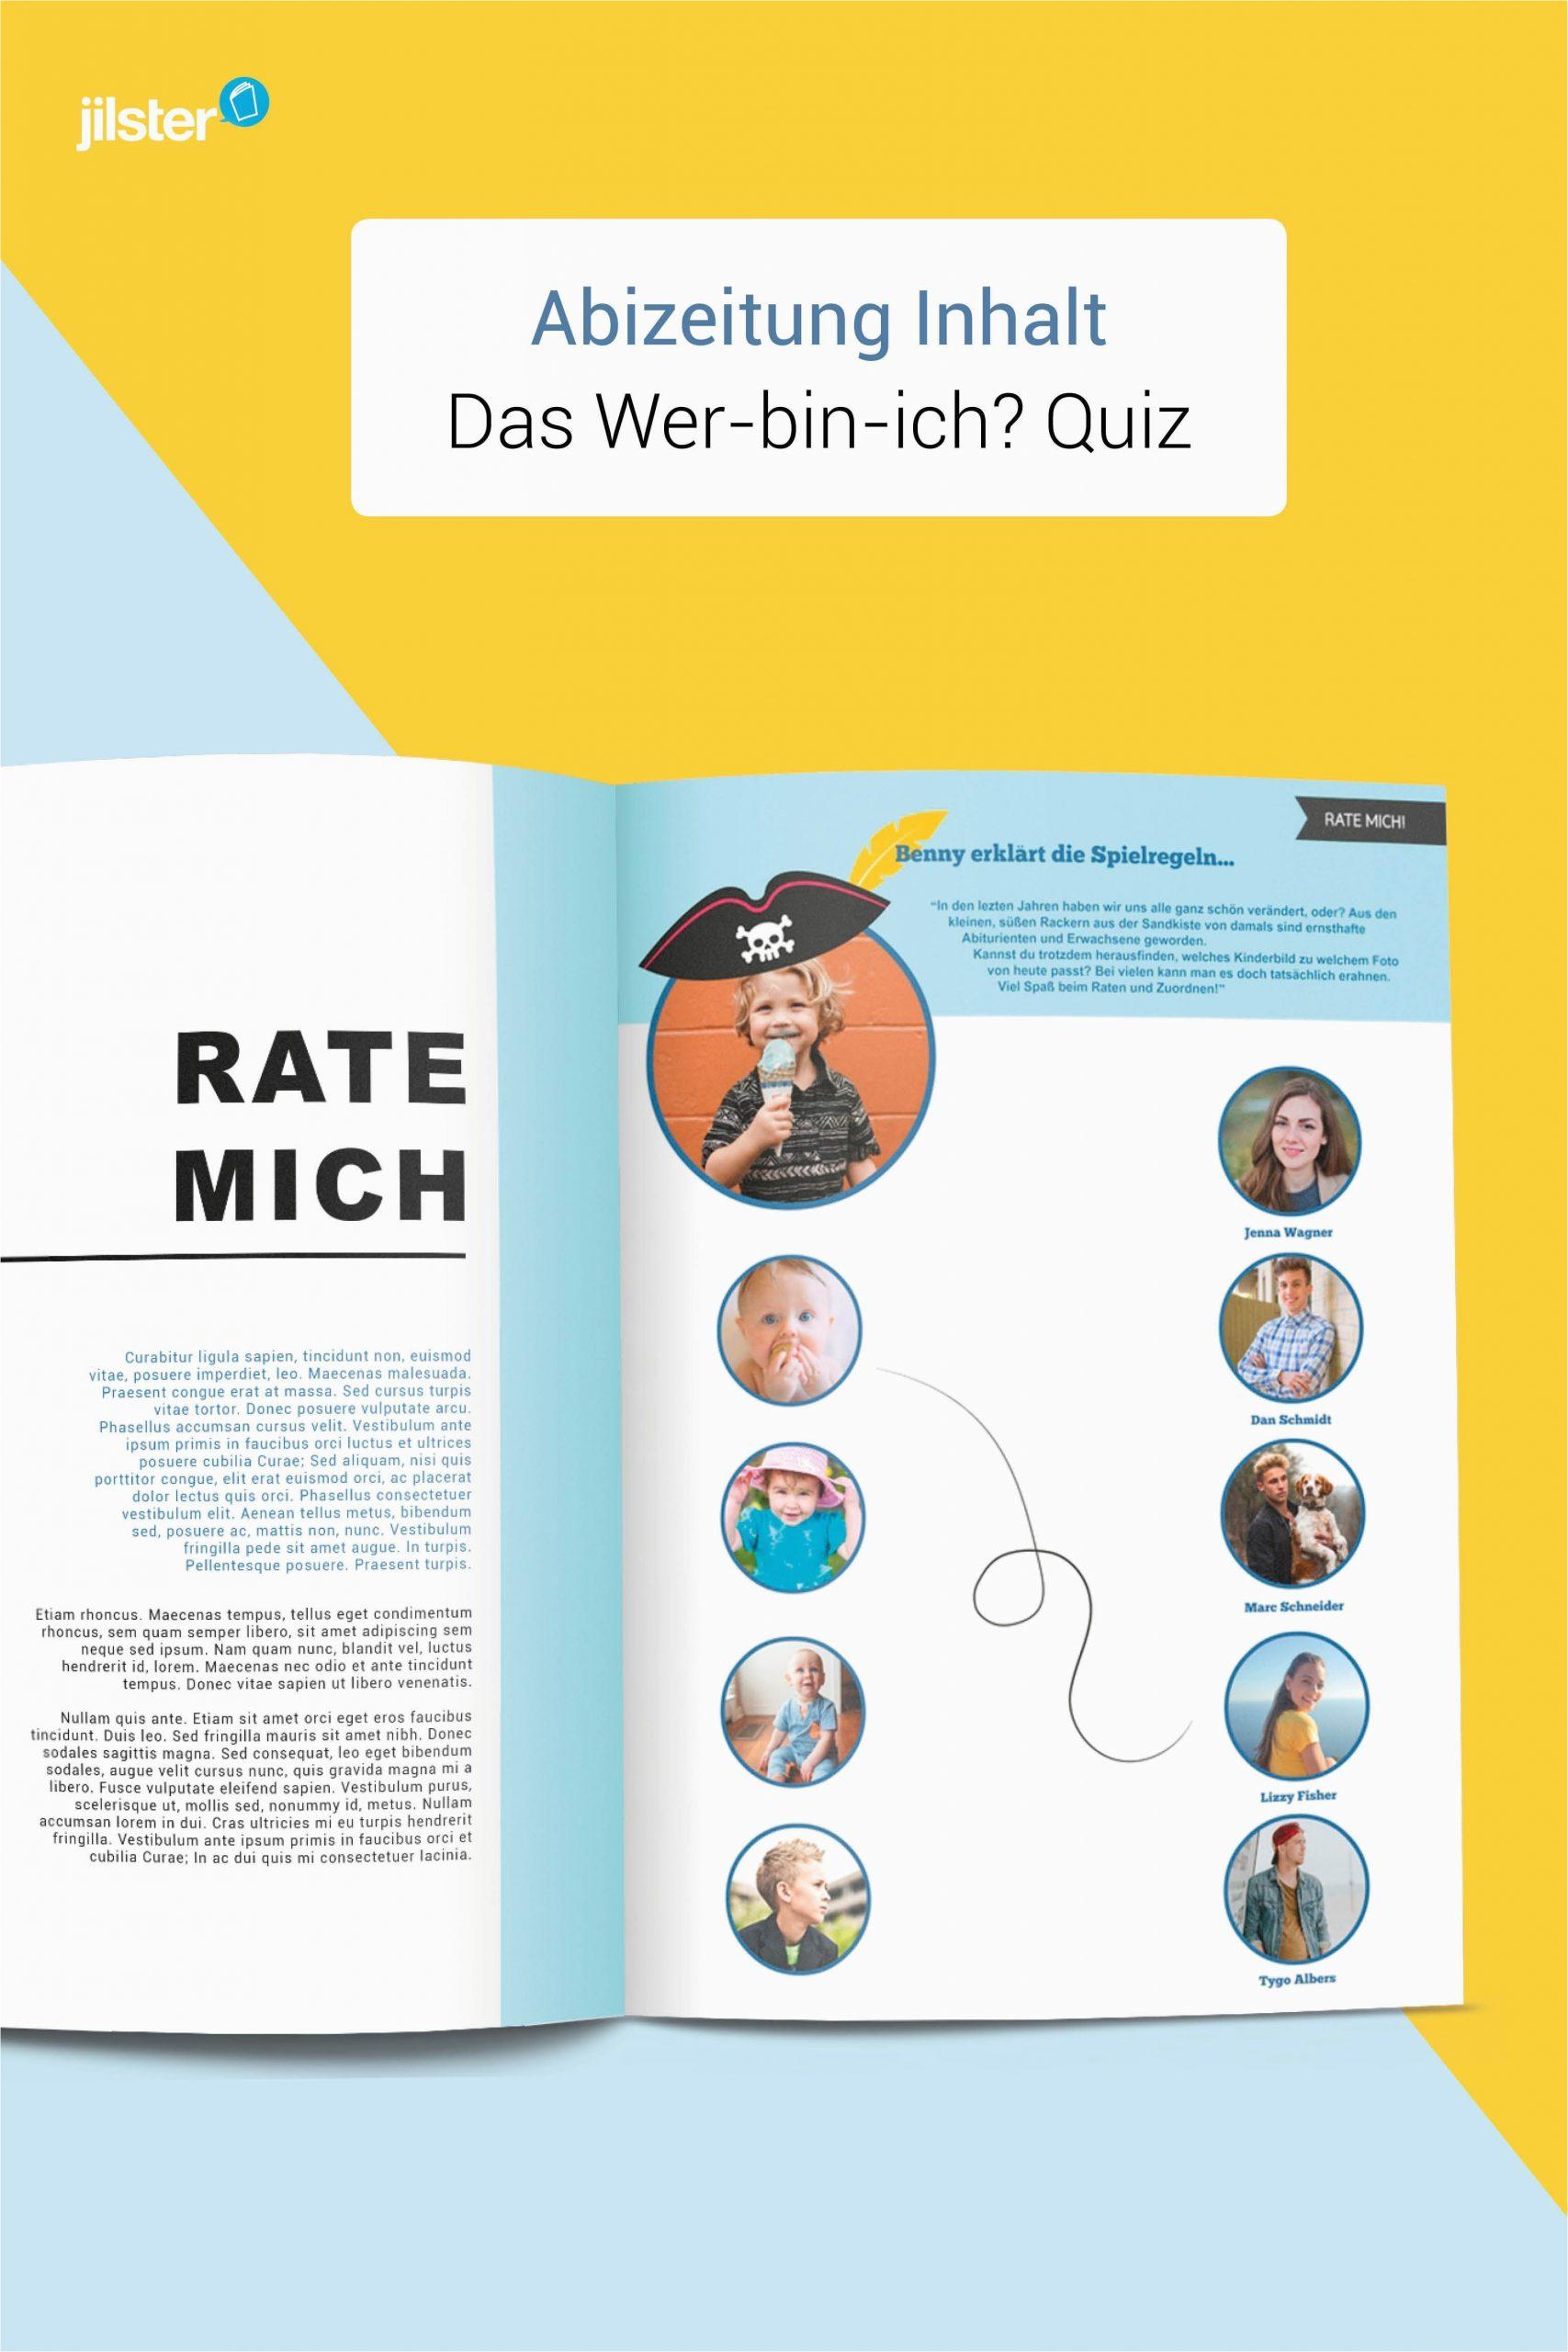 Lebenslauf Grafikdesign Quiz Wer Bin Ich Quiz Für Eure Abizeitung